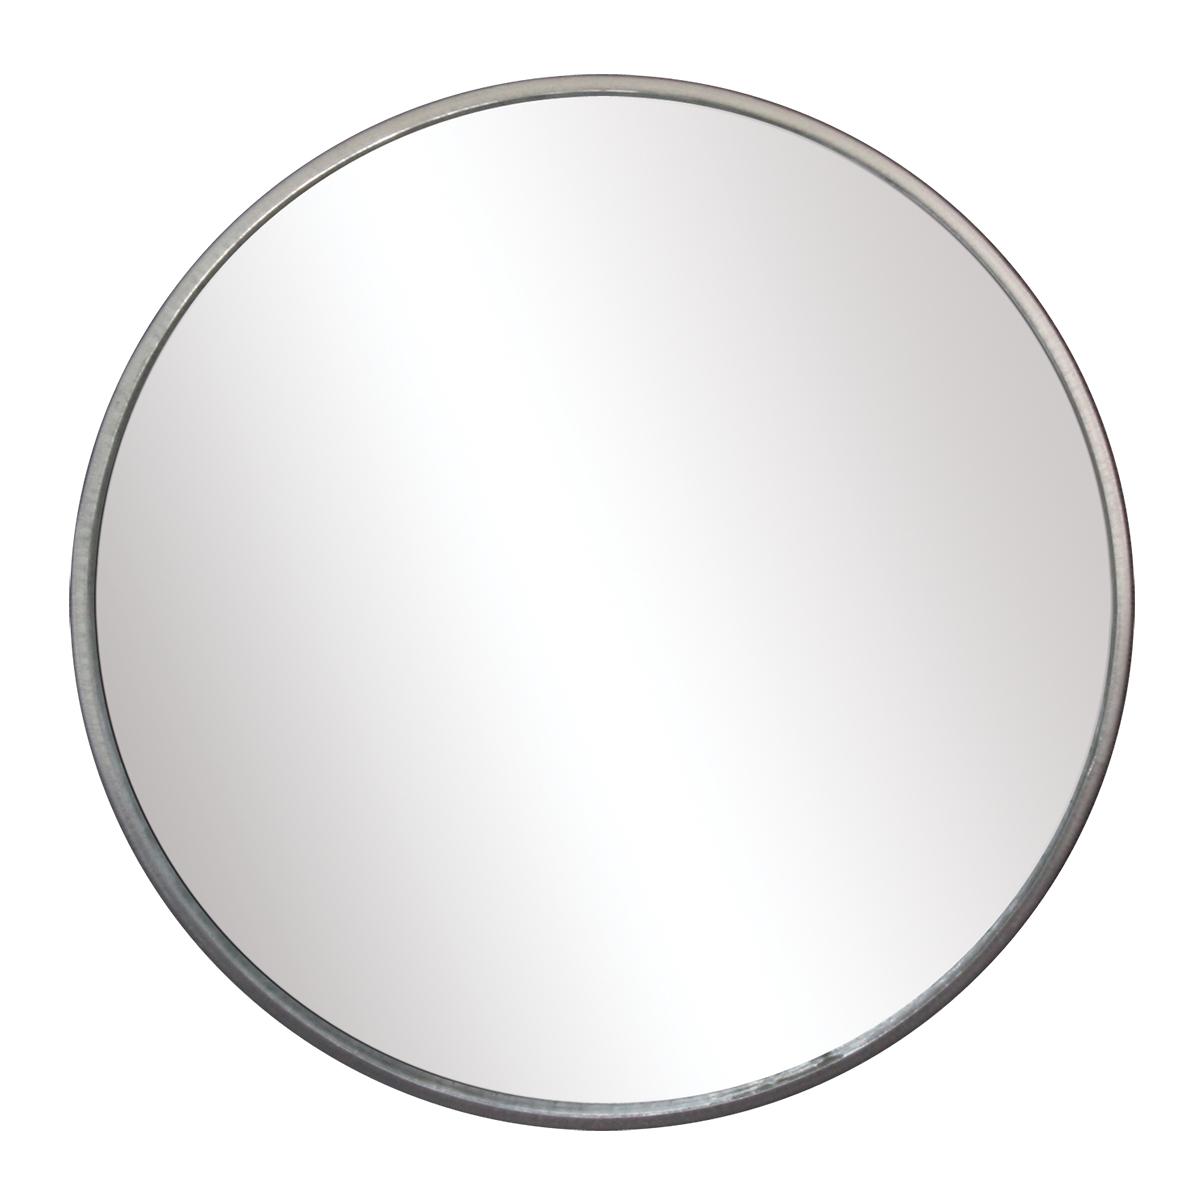 Stick-On Round Convex Spot Mirror